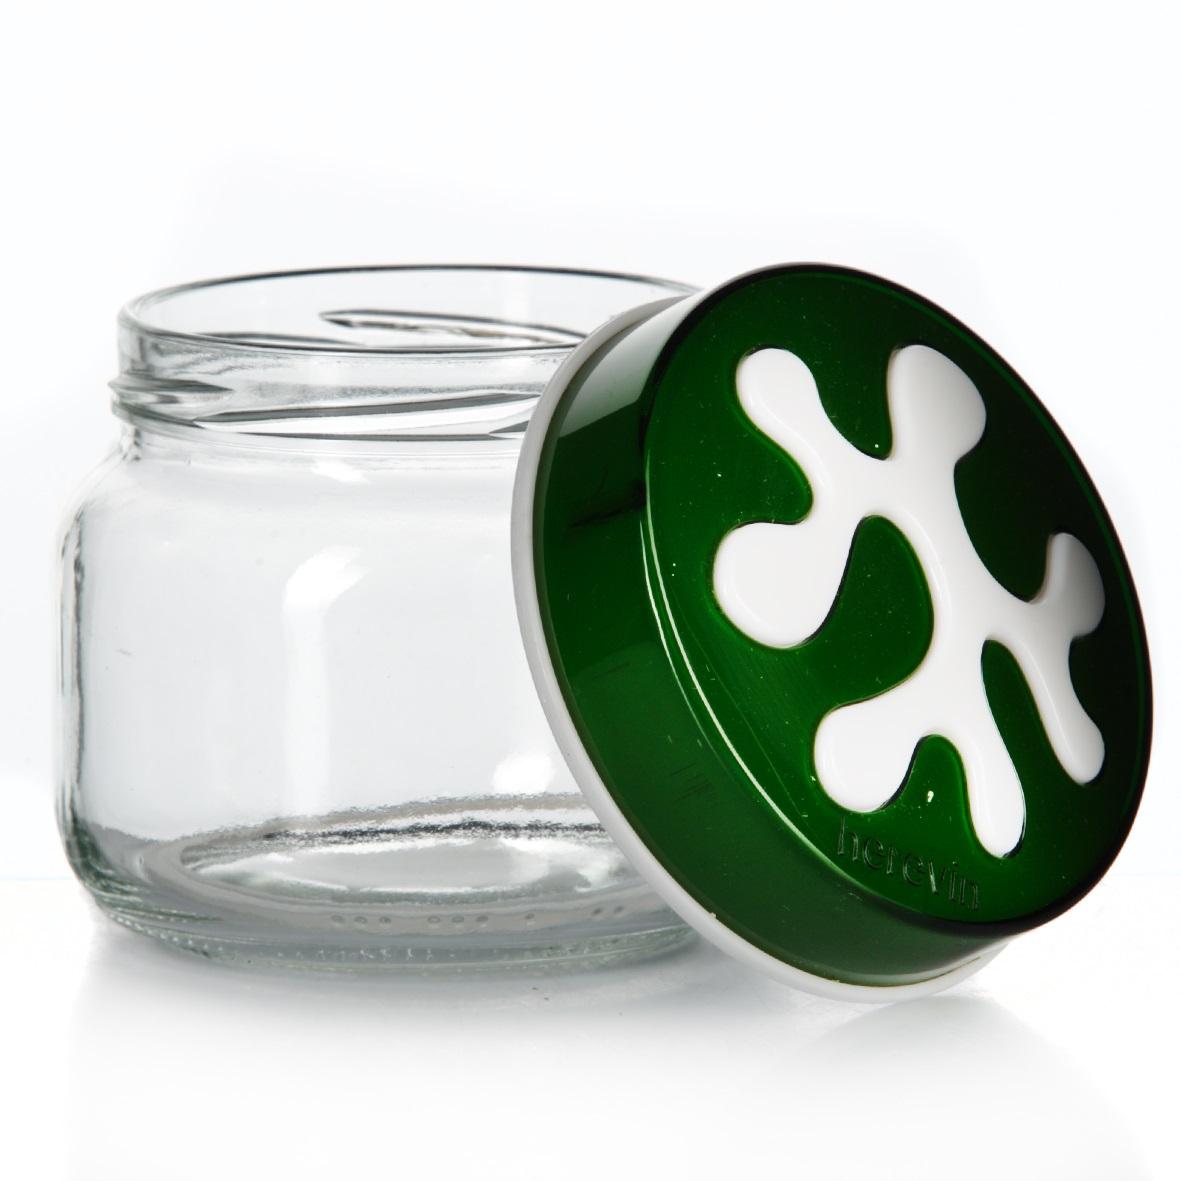 Банка для сыпучих продуктов Herevin, цвет: зеленый, 400 мл. 135357-002135357-002Банка для сыпучих продуктов Herevin изготовлена из прочного стекла и оснащена плотно закрывающейся пластиковой крышкой. Благодаря этому внутри сохраняется герметичность, и продукты дольше остаются свежими. Изделие предназначено для хранения различных сыпучих продуктов: круп, чая, сахара, орехов и т.д. Функциональная и вместительная, такая банка станет незаменимым аксессуаром на любой кухне. Можно мыть в посудомоечной машине. Пластиковые части рекомендуется мыть вручную.Объем: 400 мл.Диаметр (по верхнему краю): 7,5 см.Высота банки (без учета крышки): 8 см.